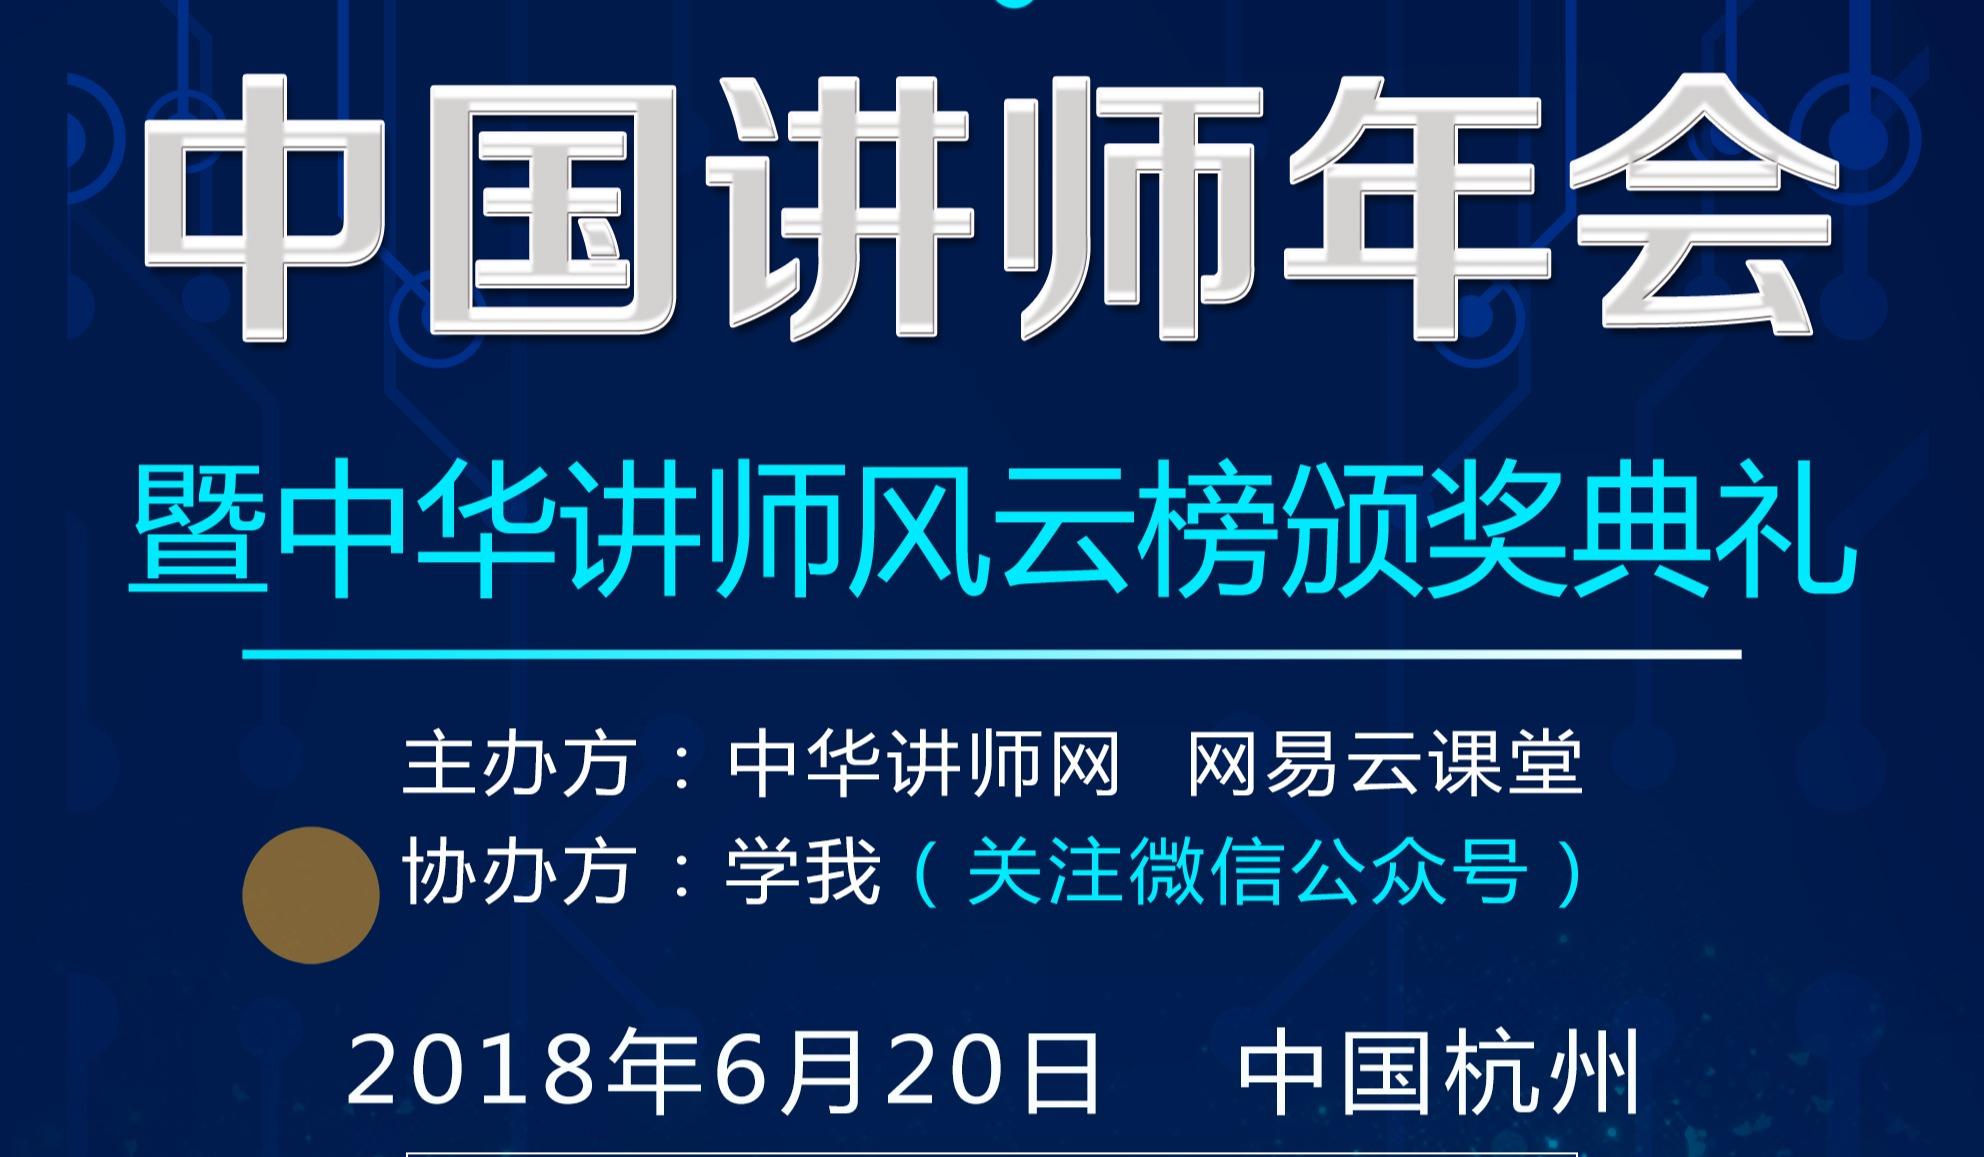 中国讲师年会暨颁奖典礼